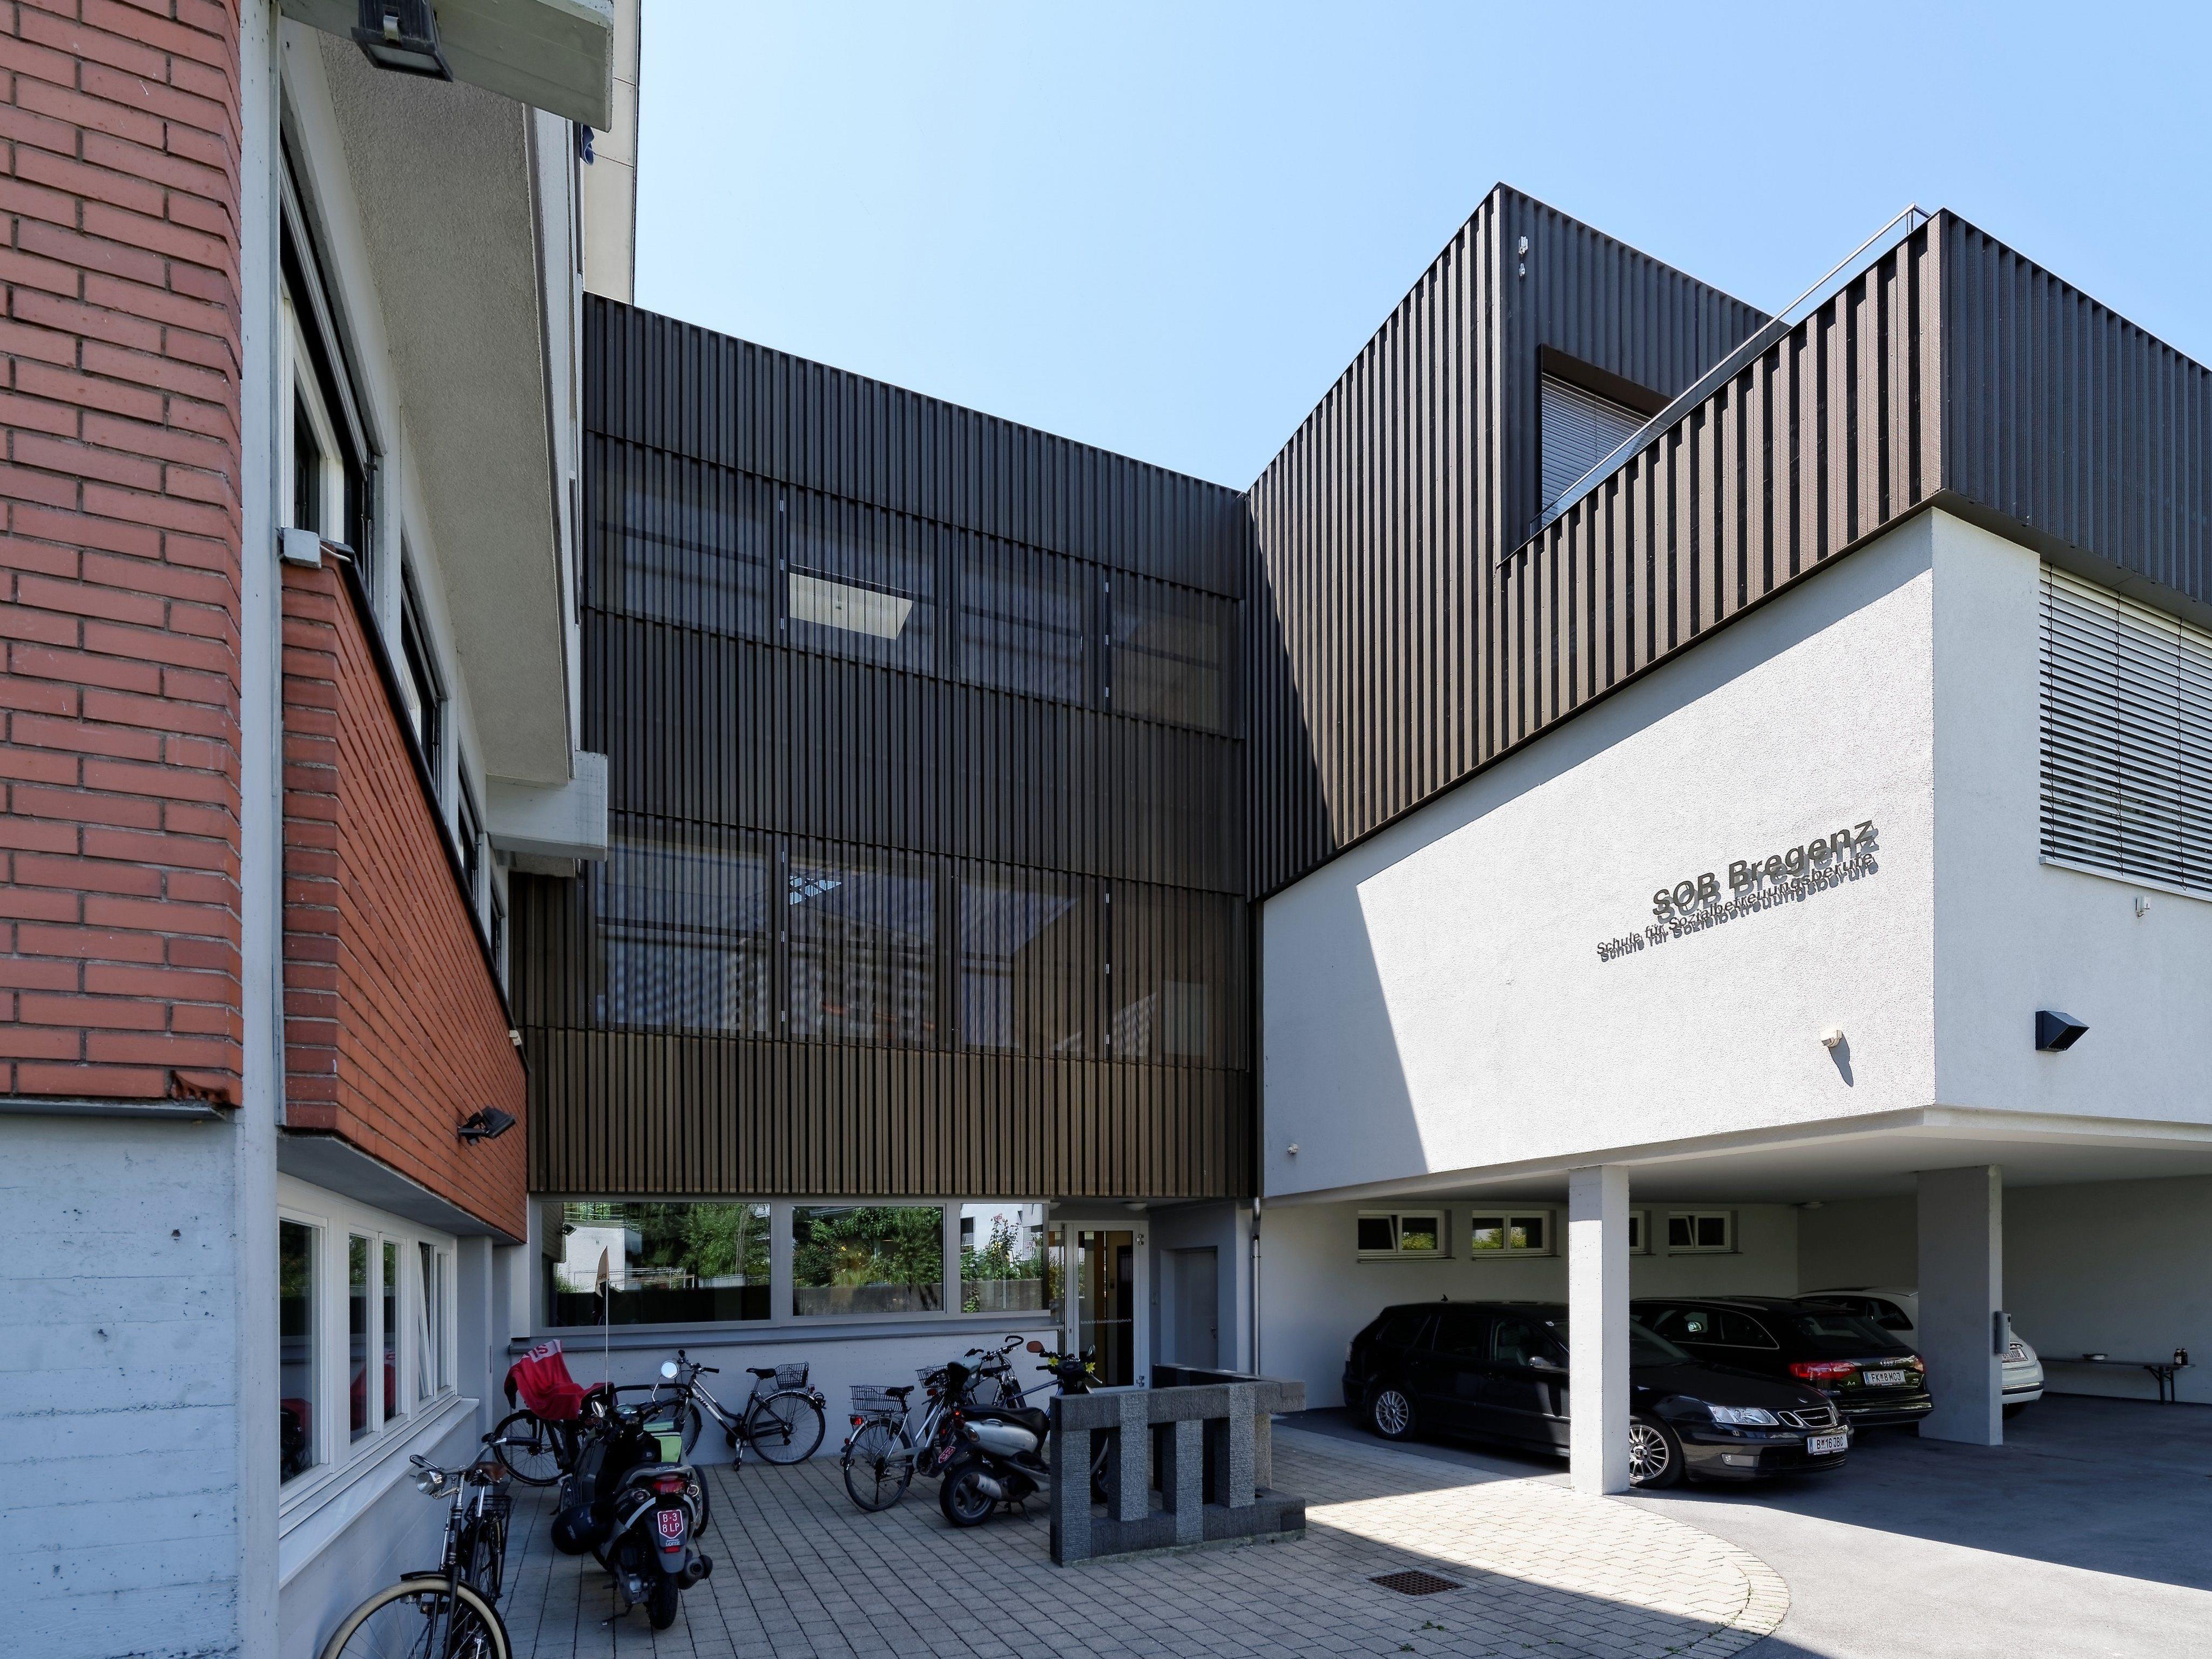 Verhüllt mit dunkelbraunem Trapezlochblech hat Johannes Kaufmann alle neuen Gebäudeteile der Bregenzer Schule für Sozialbetreuungsberufe genauso wie einen Teil der vor rund zehn Jahren gebauten.